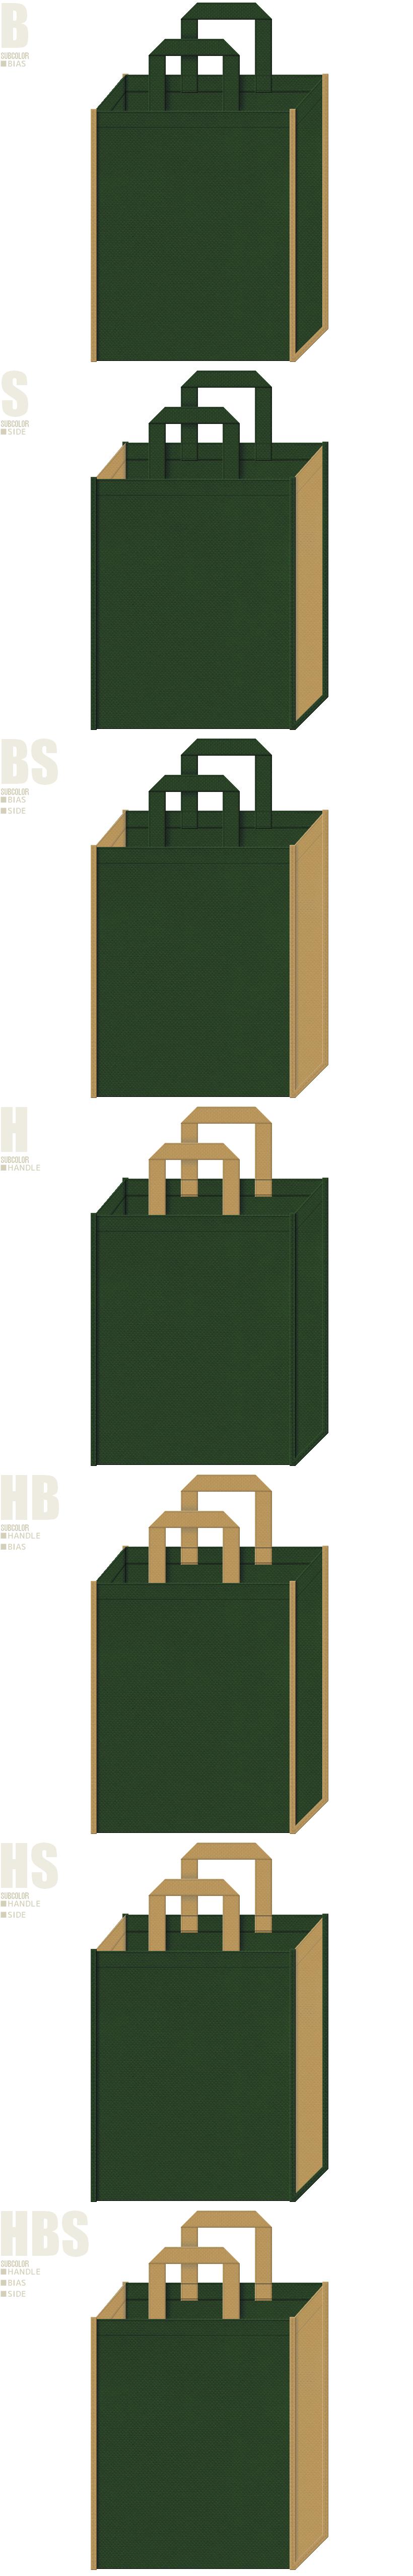 サファリ・ジャングル・アニマル・恐竜・テント・アウトドア・キャンプ用品の展示会用バッグにお奨めの不織布バッグデザイン:濃緑色と金黄土色の不織布バッグ配色7パターン。